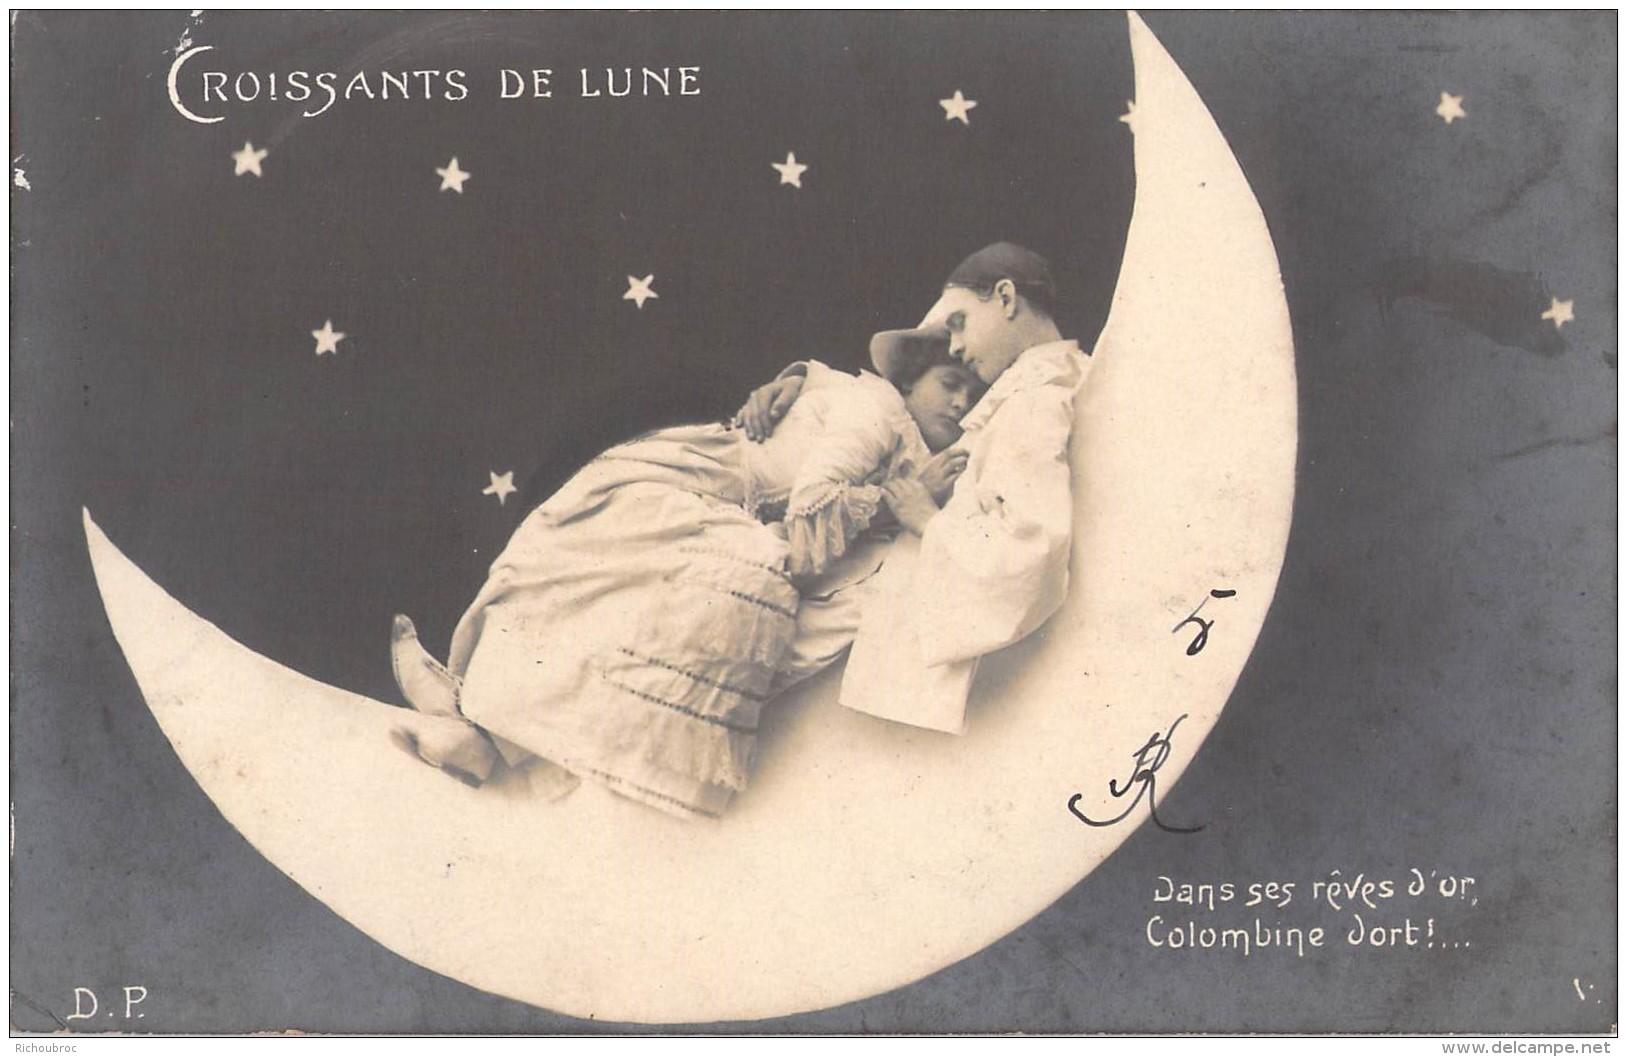 CROISSANTS DE LUNE ... DANS SES REVES D OR COLOMBINE DORT / COUPLE / D.P - Fantaisies